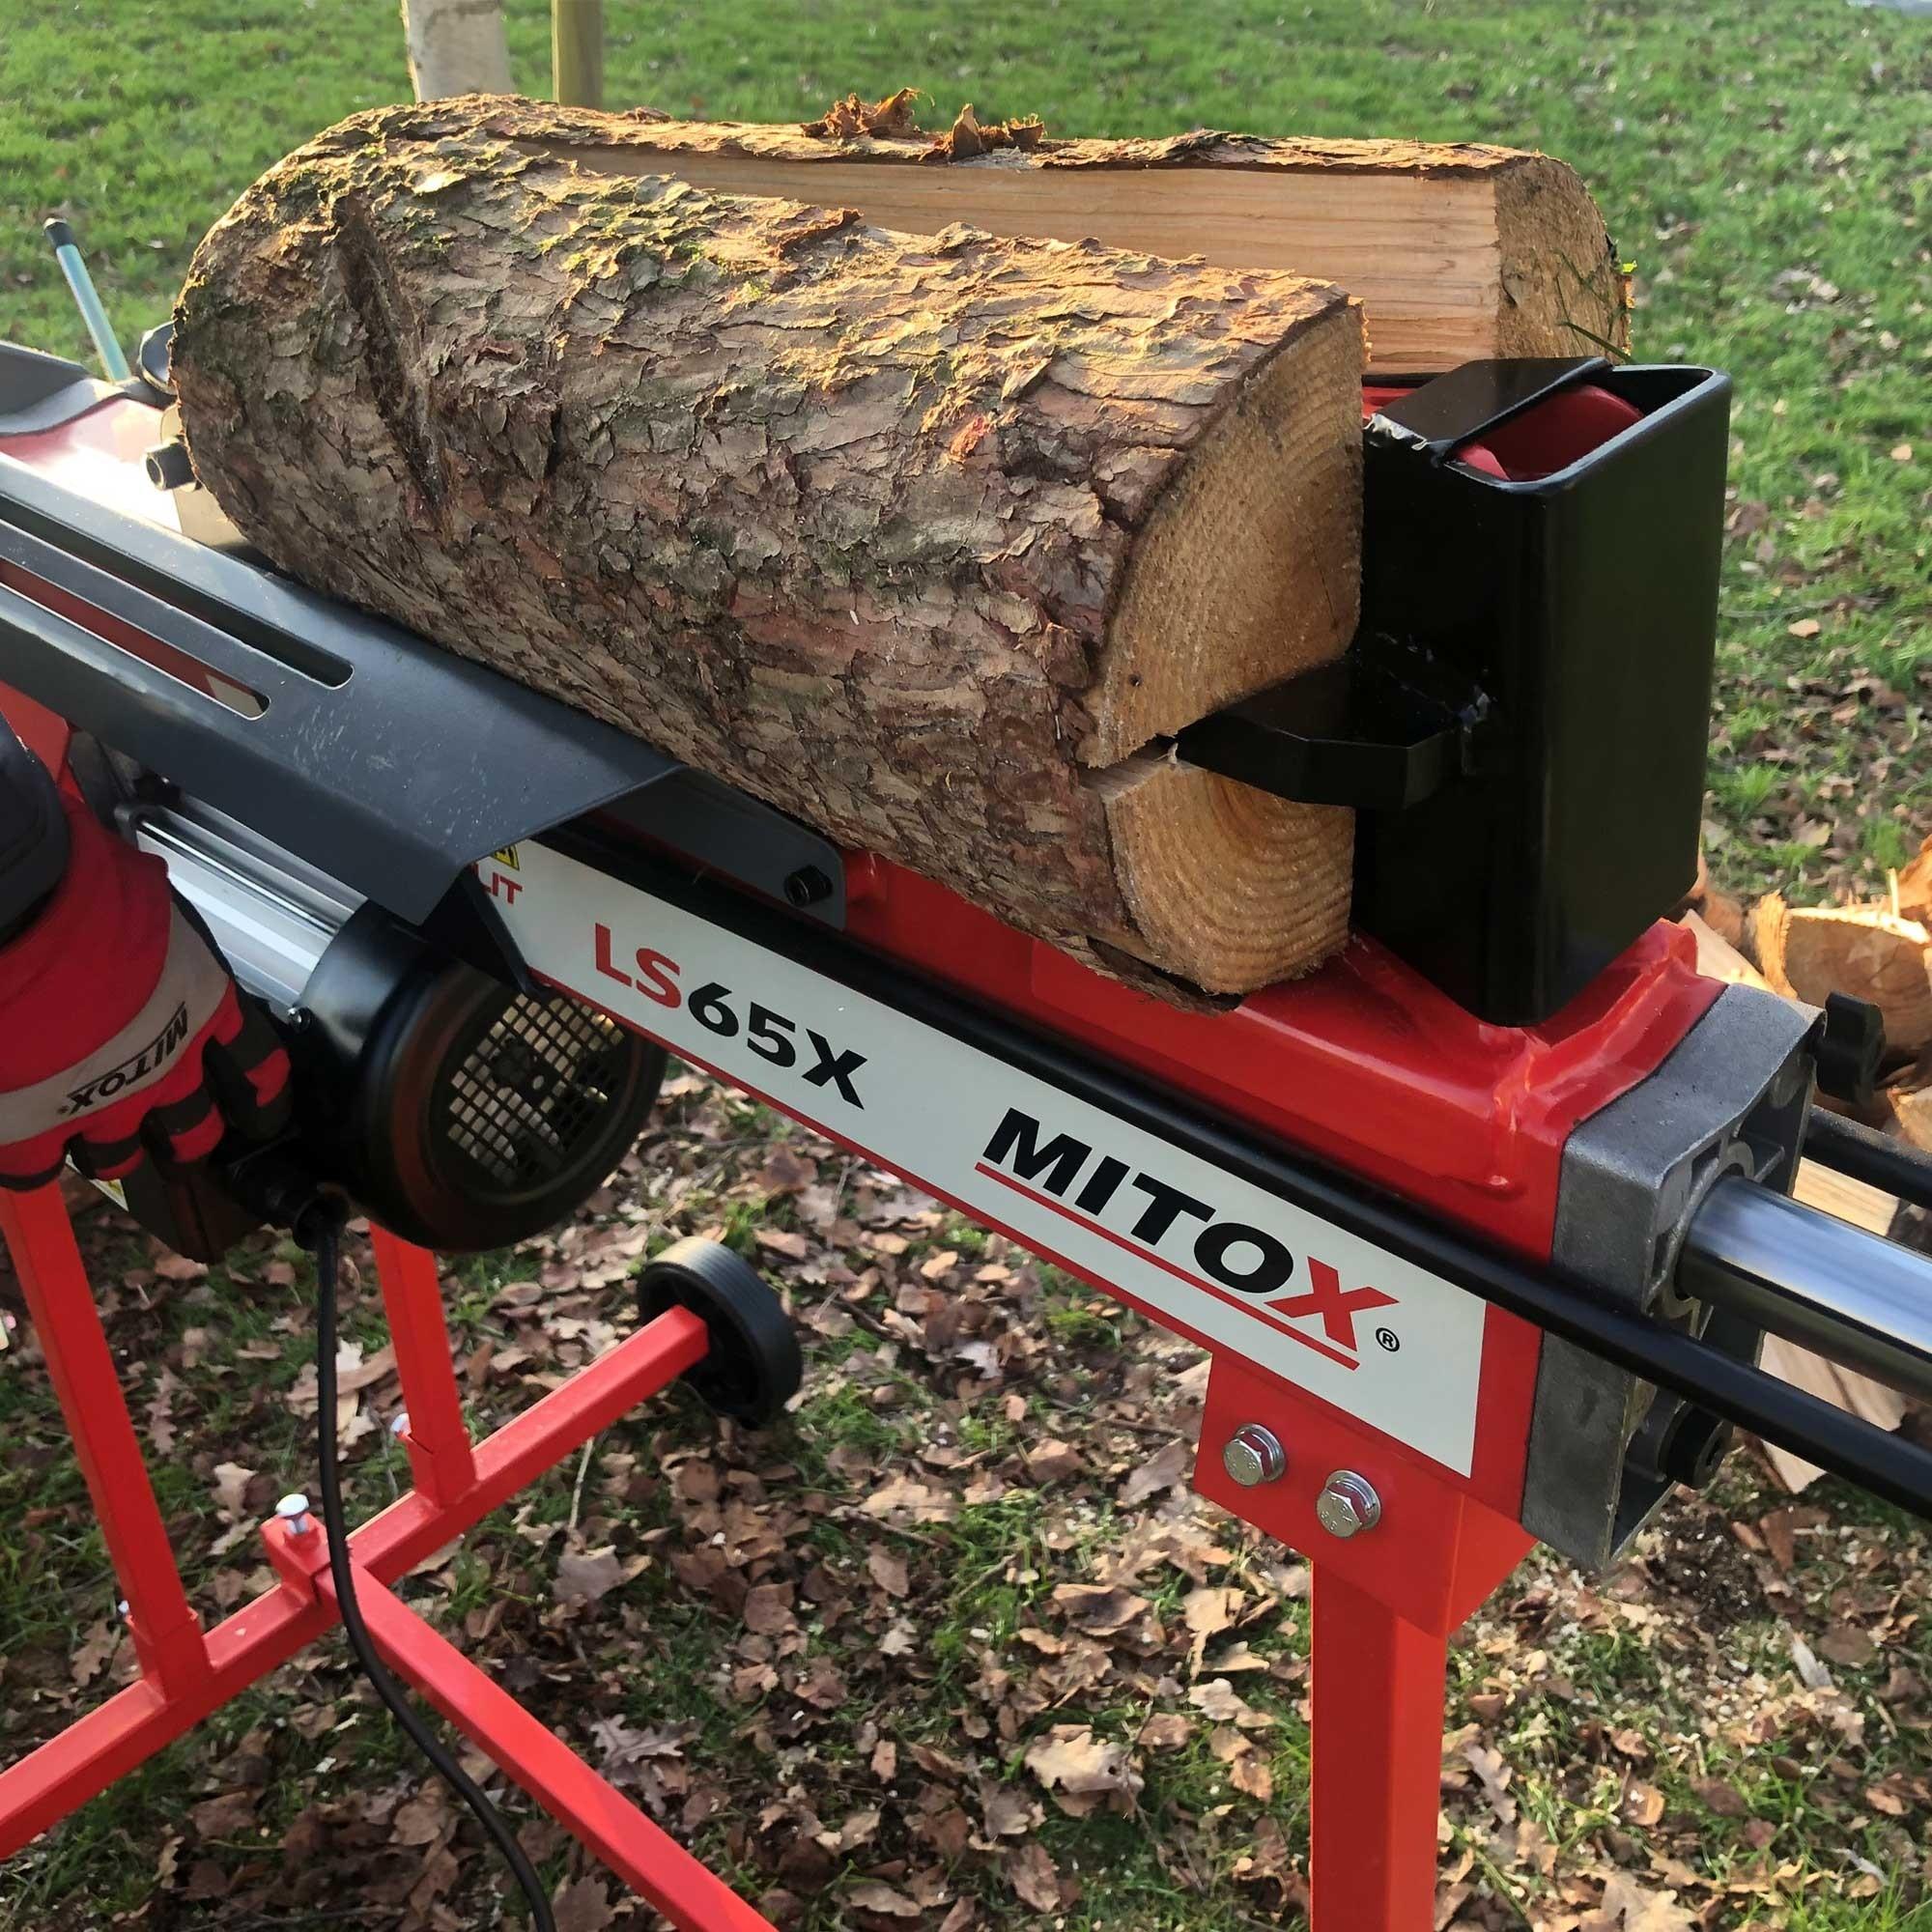 Mitox LS65X log splitter working